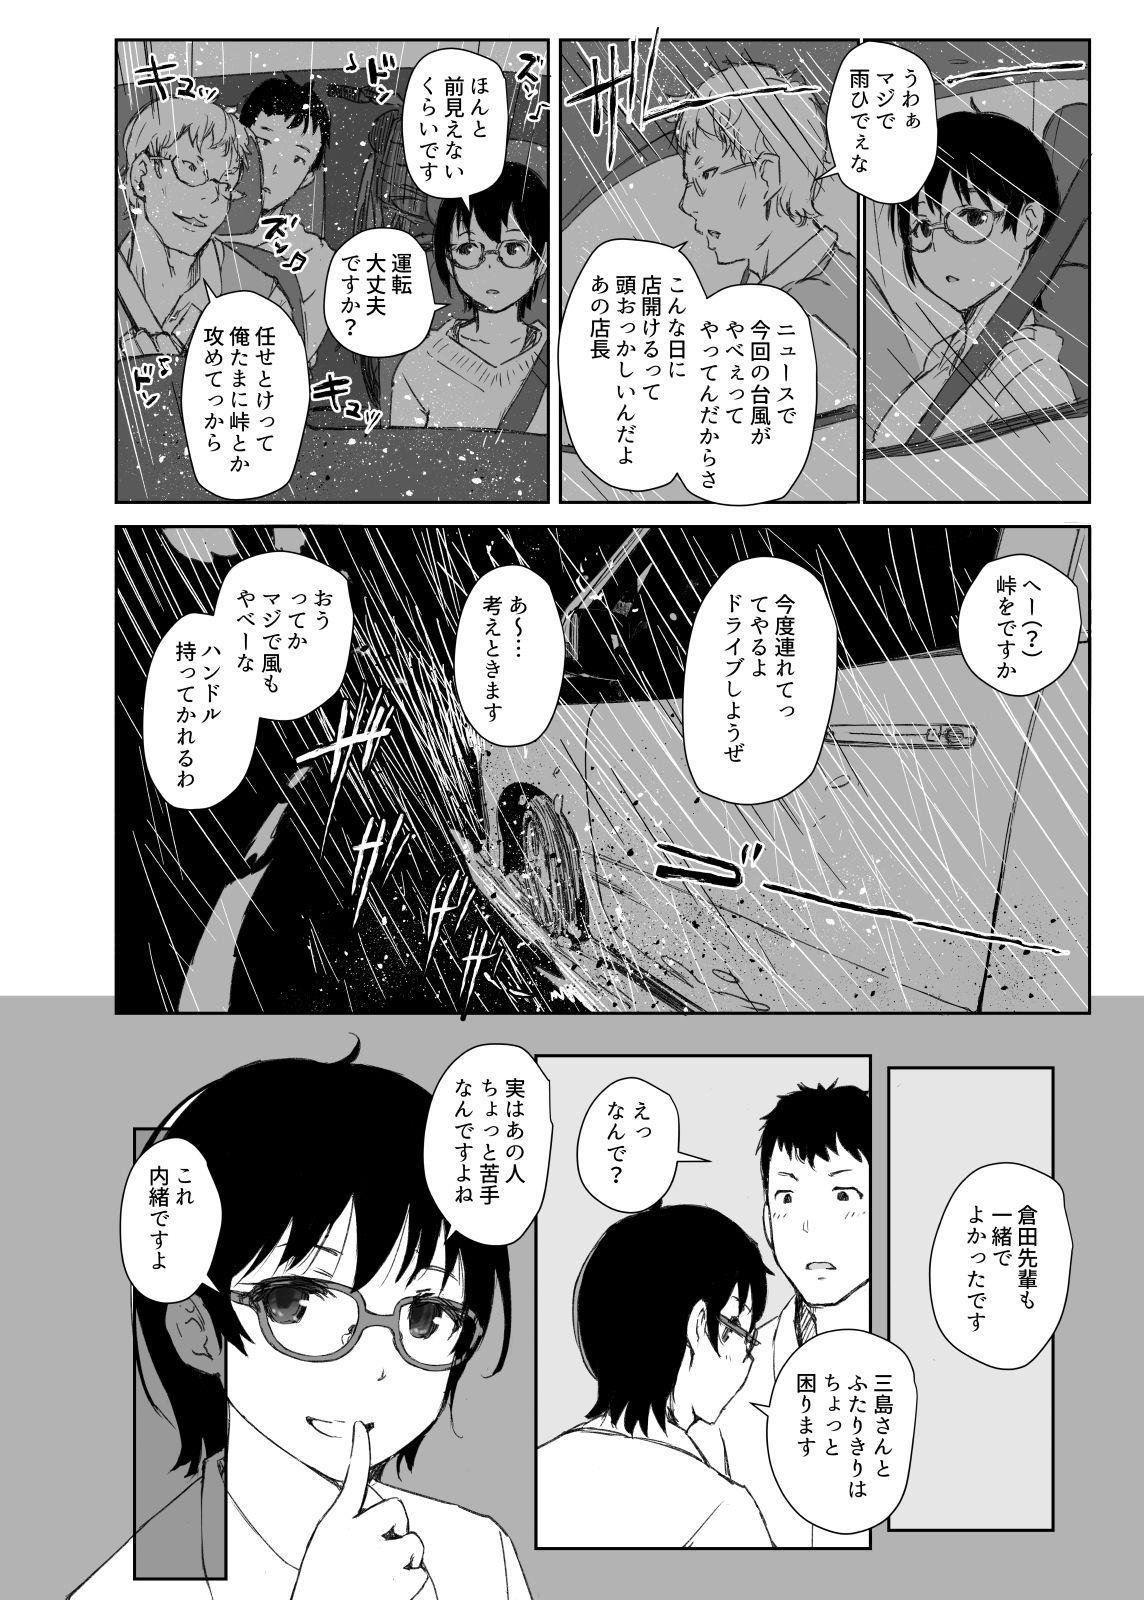 Shortcut de Megane no Niau Hitonatsukoi Beit no Kouhai ga Yarichin Douryou no Kuruma de Okurarete kara Mudankekkin Shiteiru + Omake 5